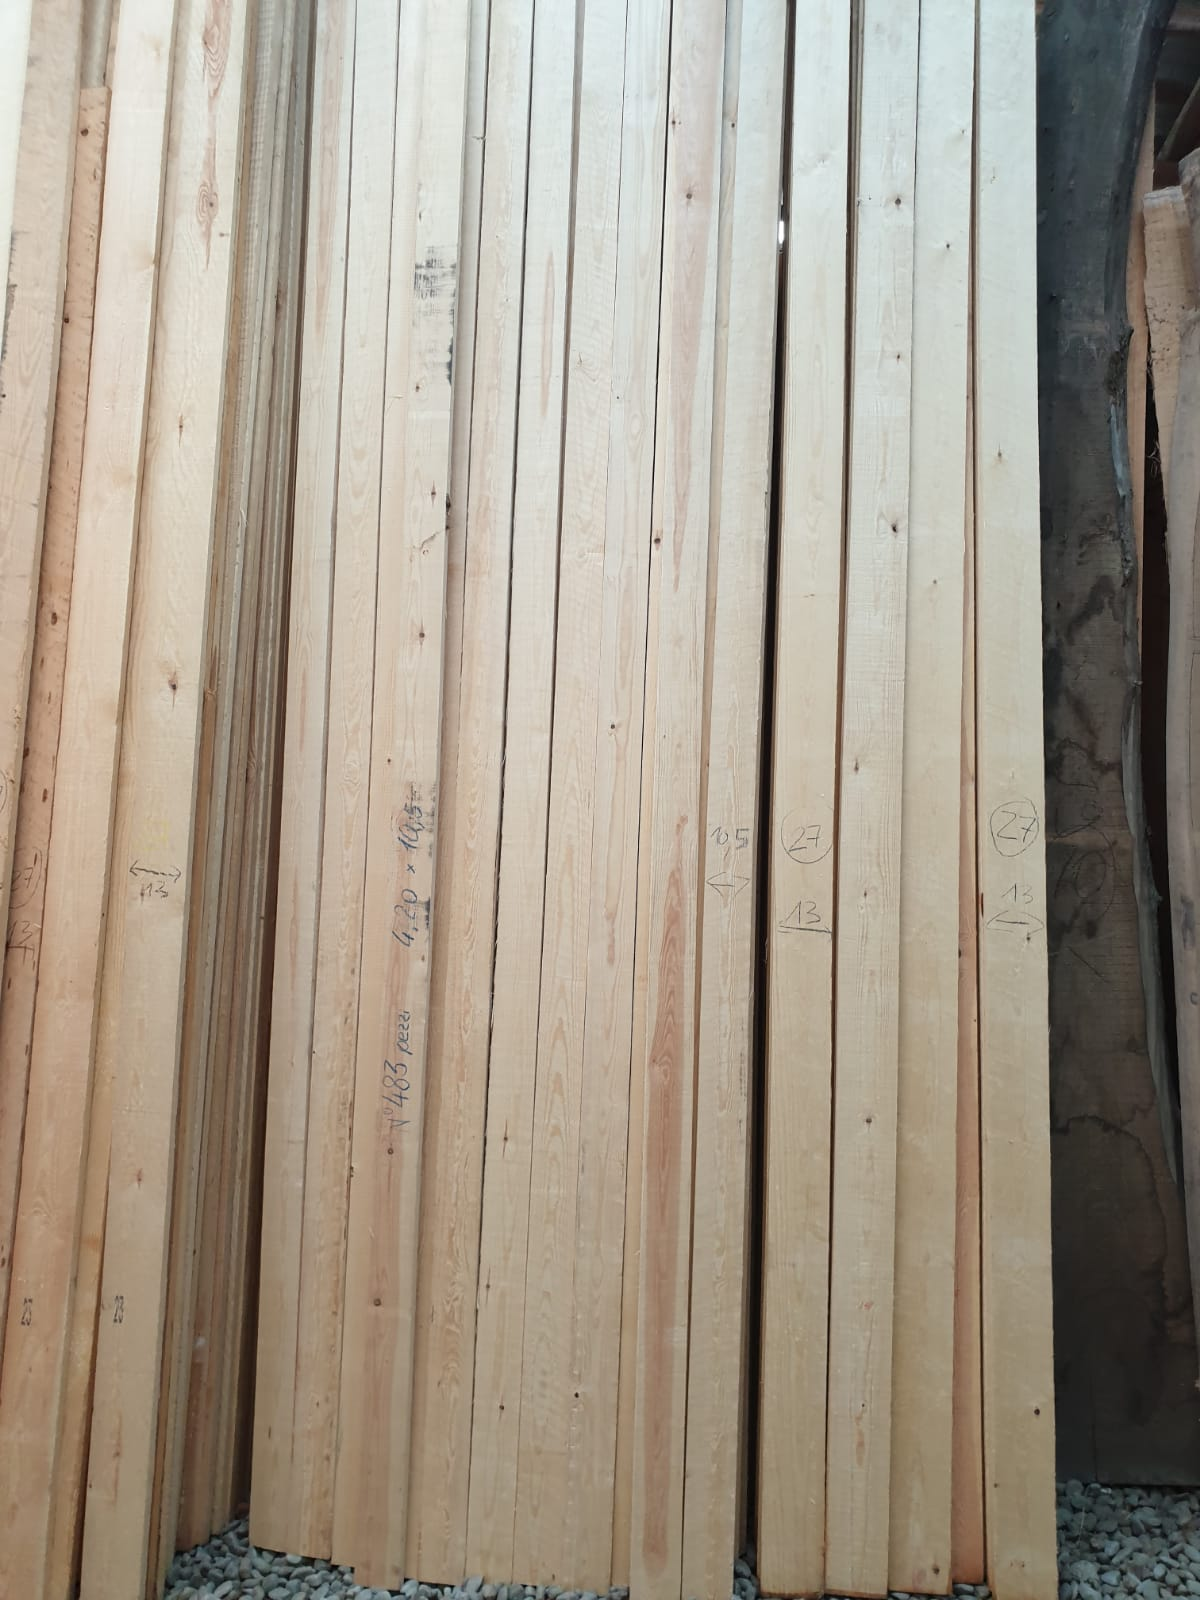 pino di svezia - sp 27 40 52 65 78 - uso falegnameria e serramenti - svezia